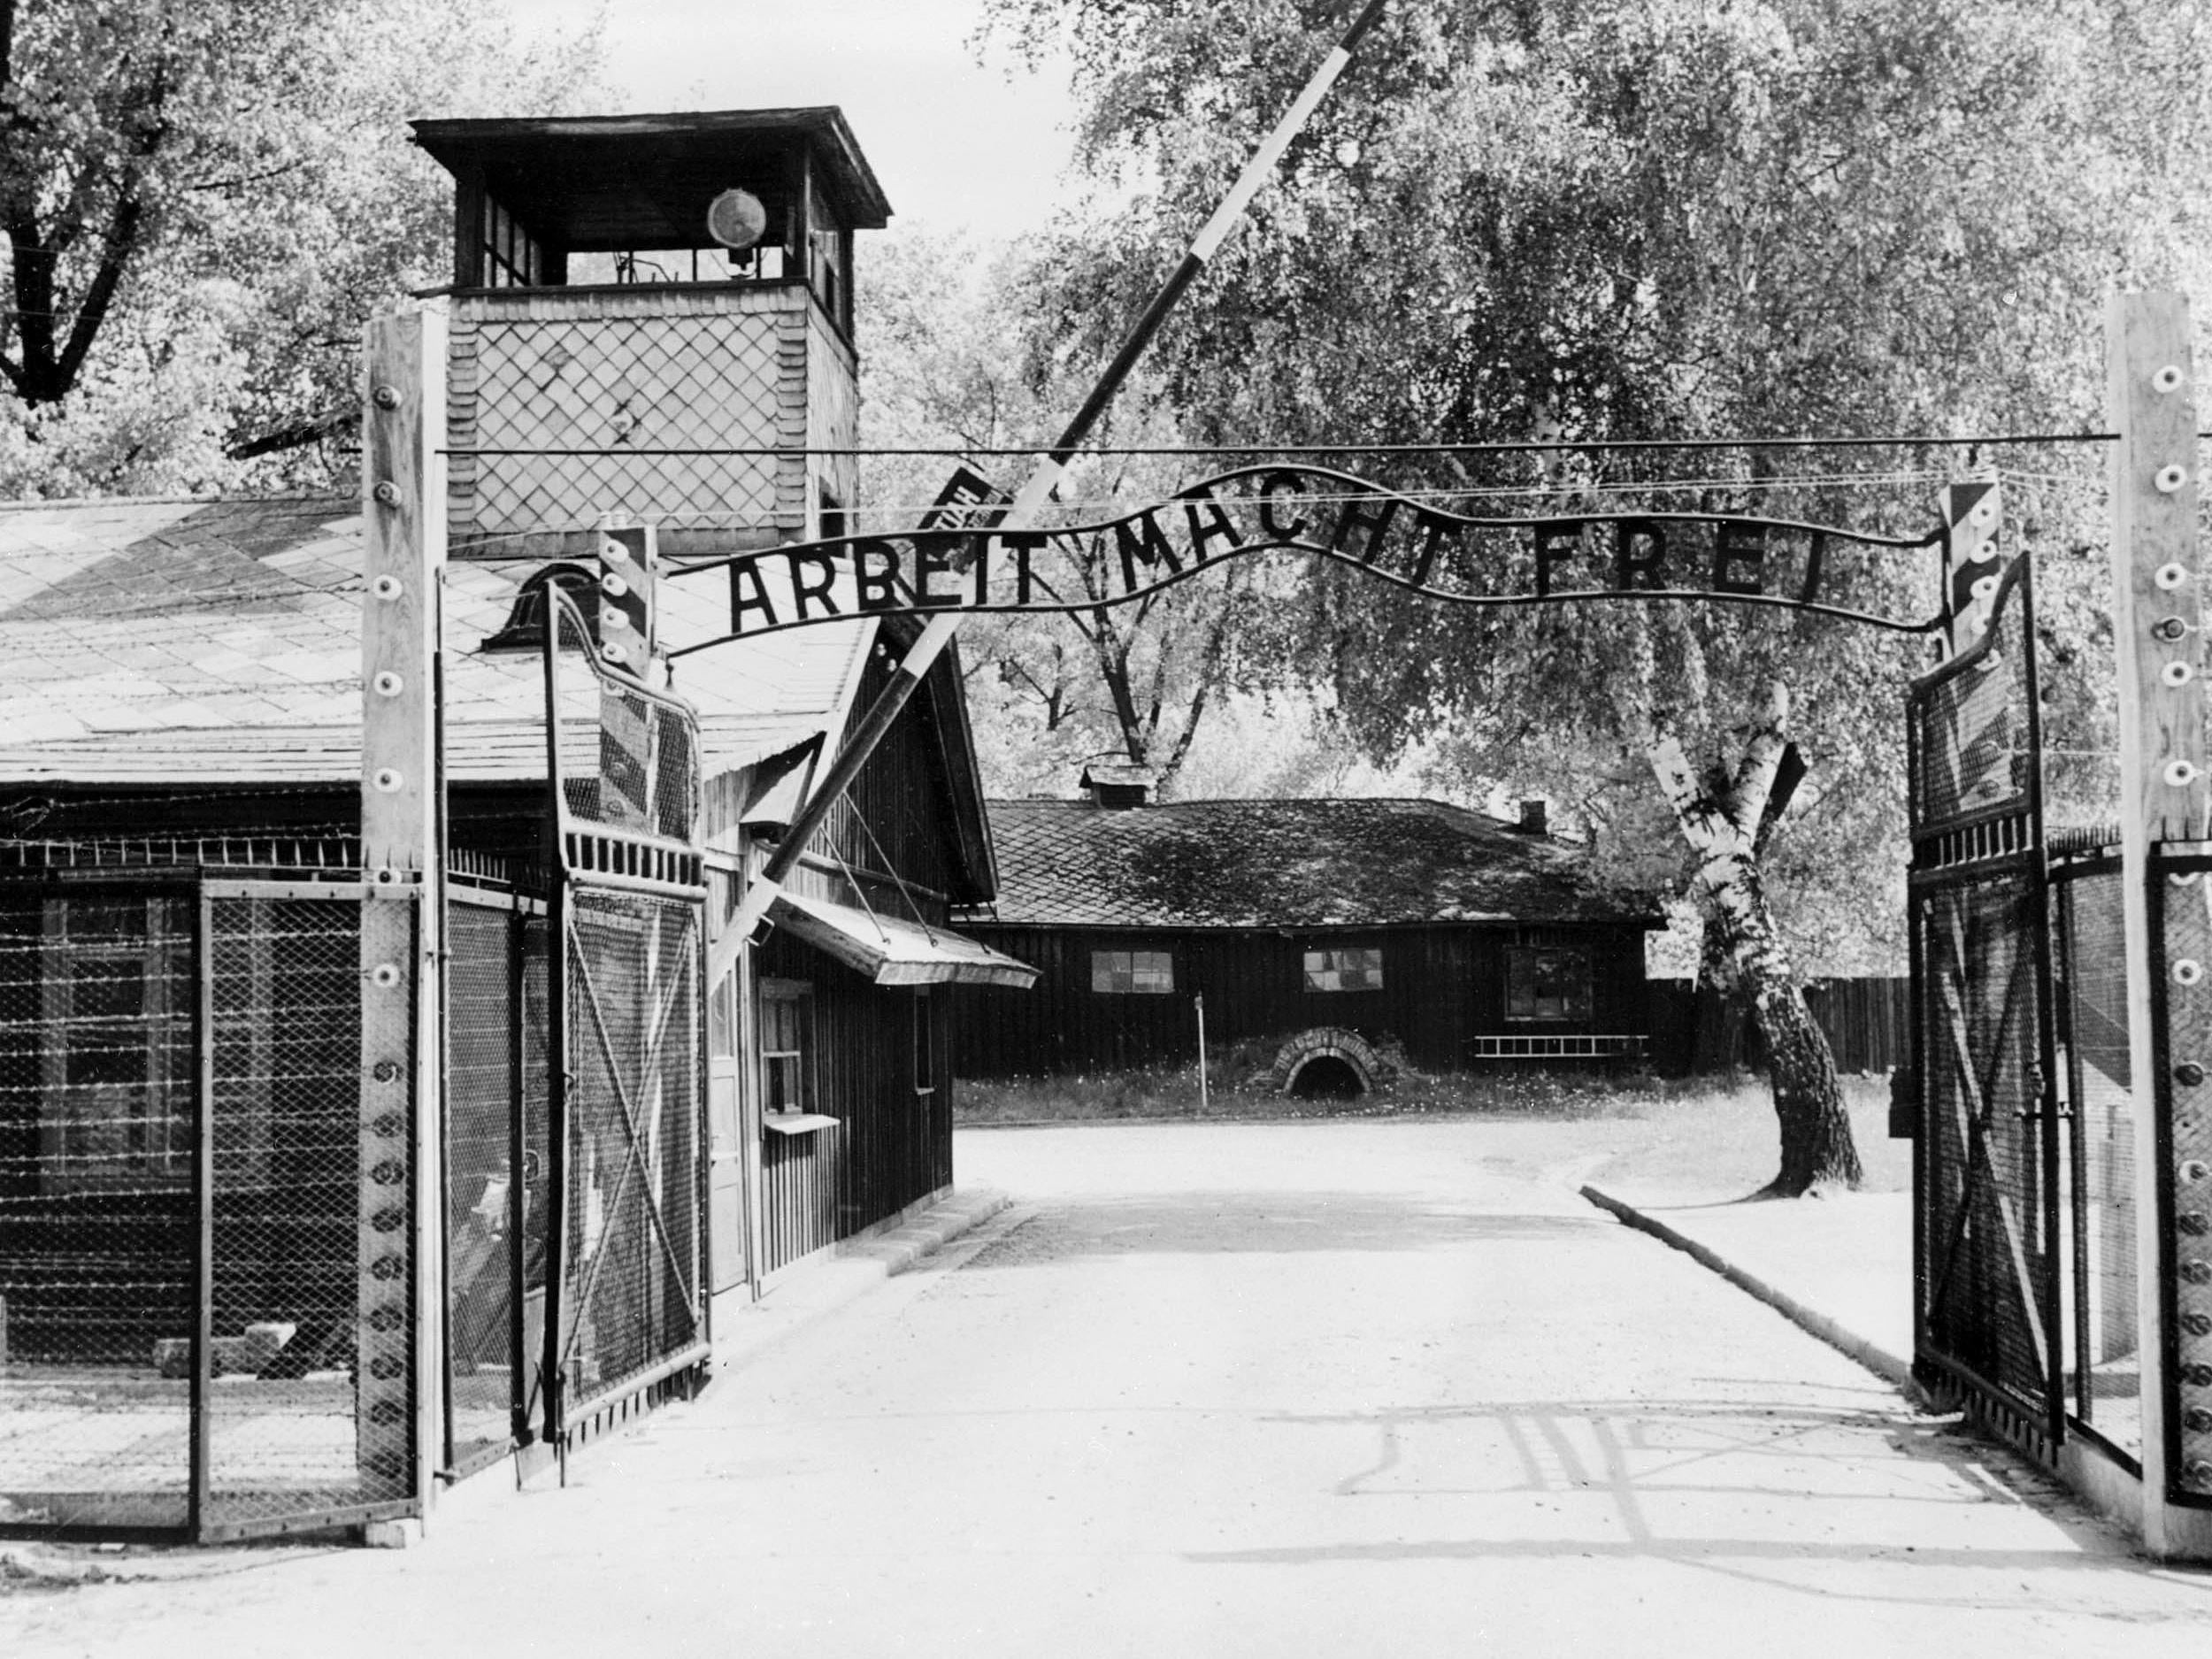 Wegen Mordes in 170 000 Fällen soll ein früherer Auschwitz-Wachmann im Februar vor Gericht.